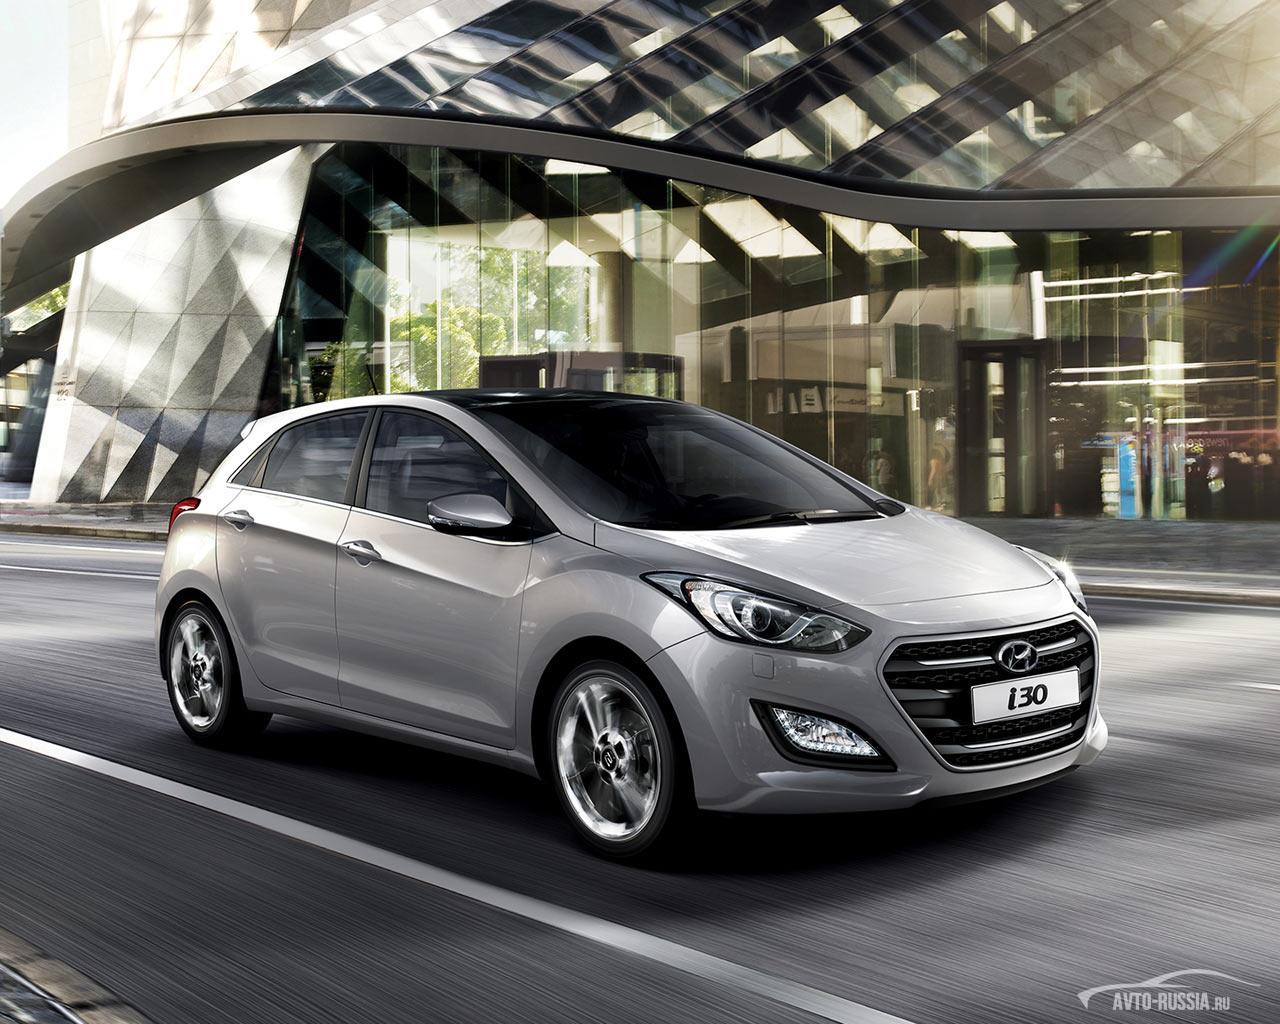 Hyundai i30 Crossover Wagon